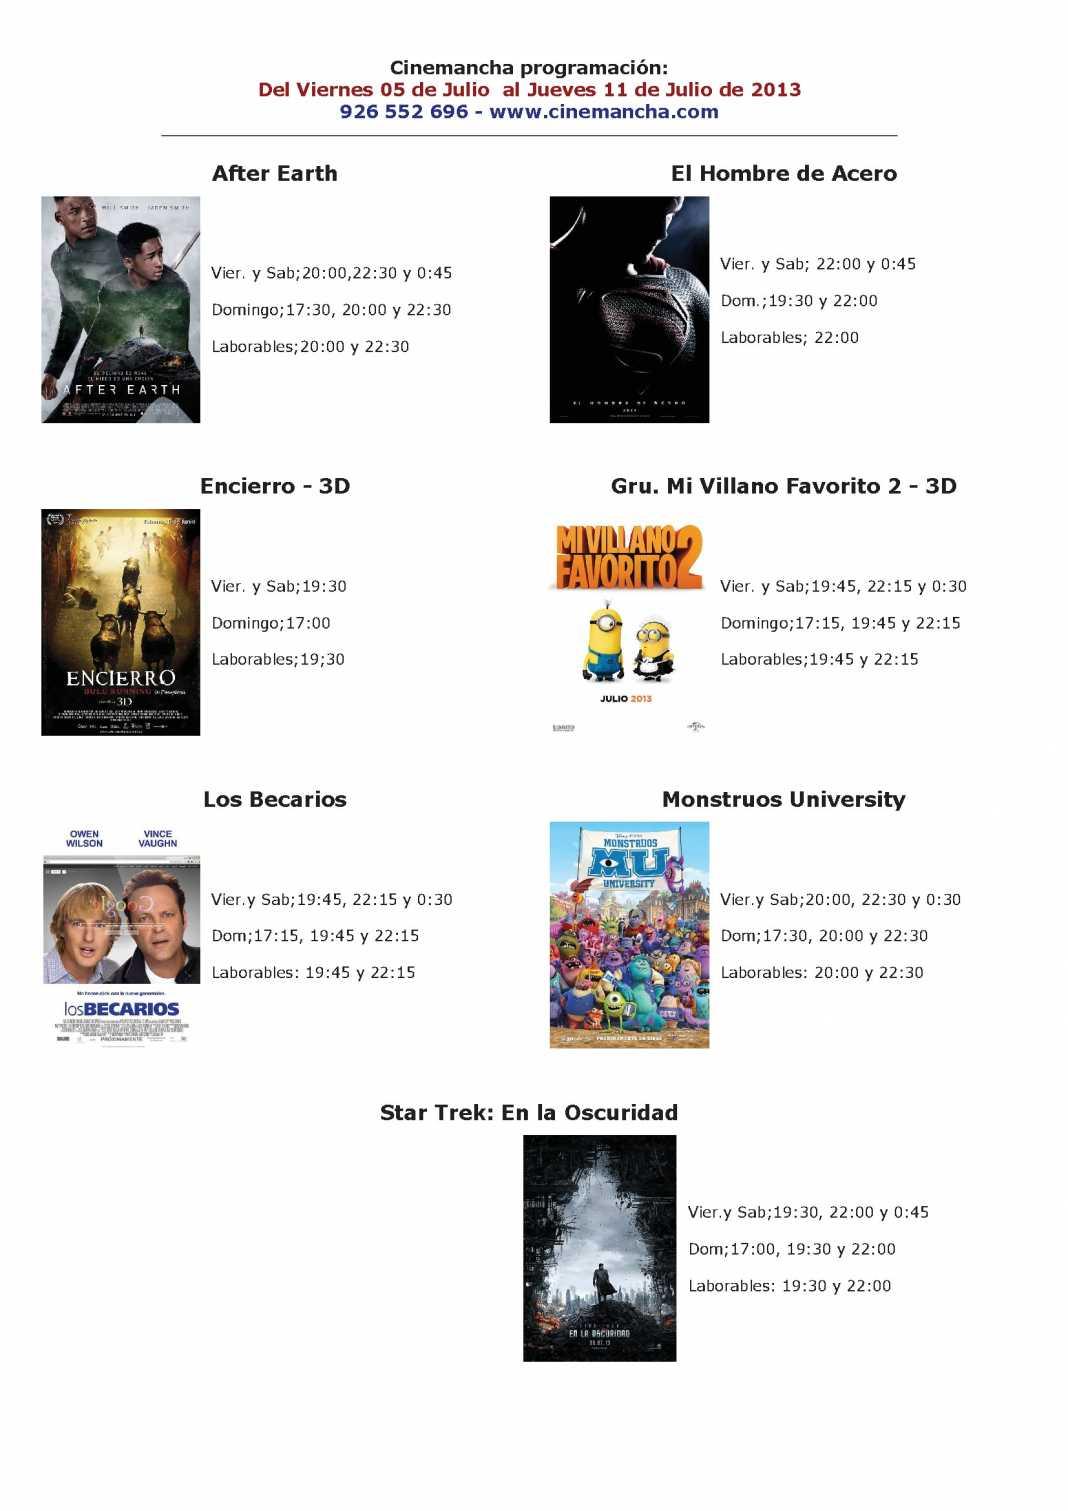 Programación Cinemancha del 5 de julio al 11 de julio 1